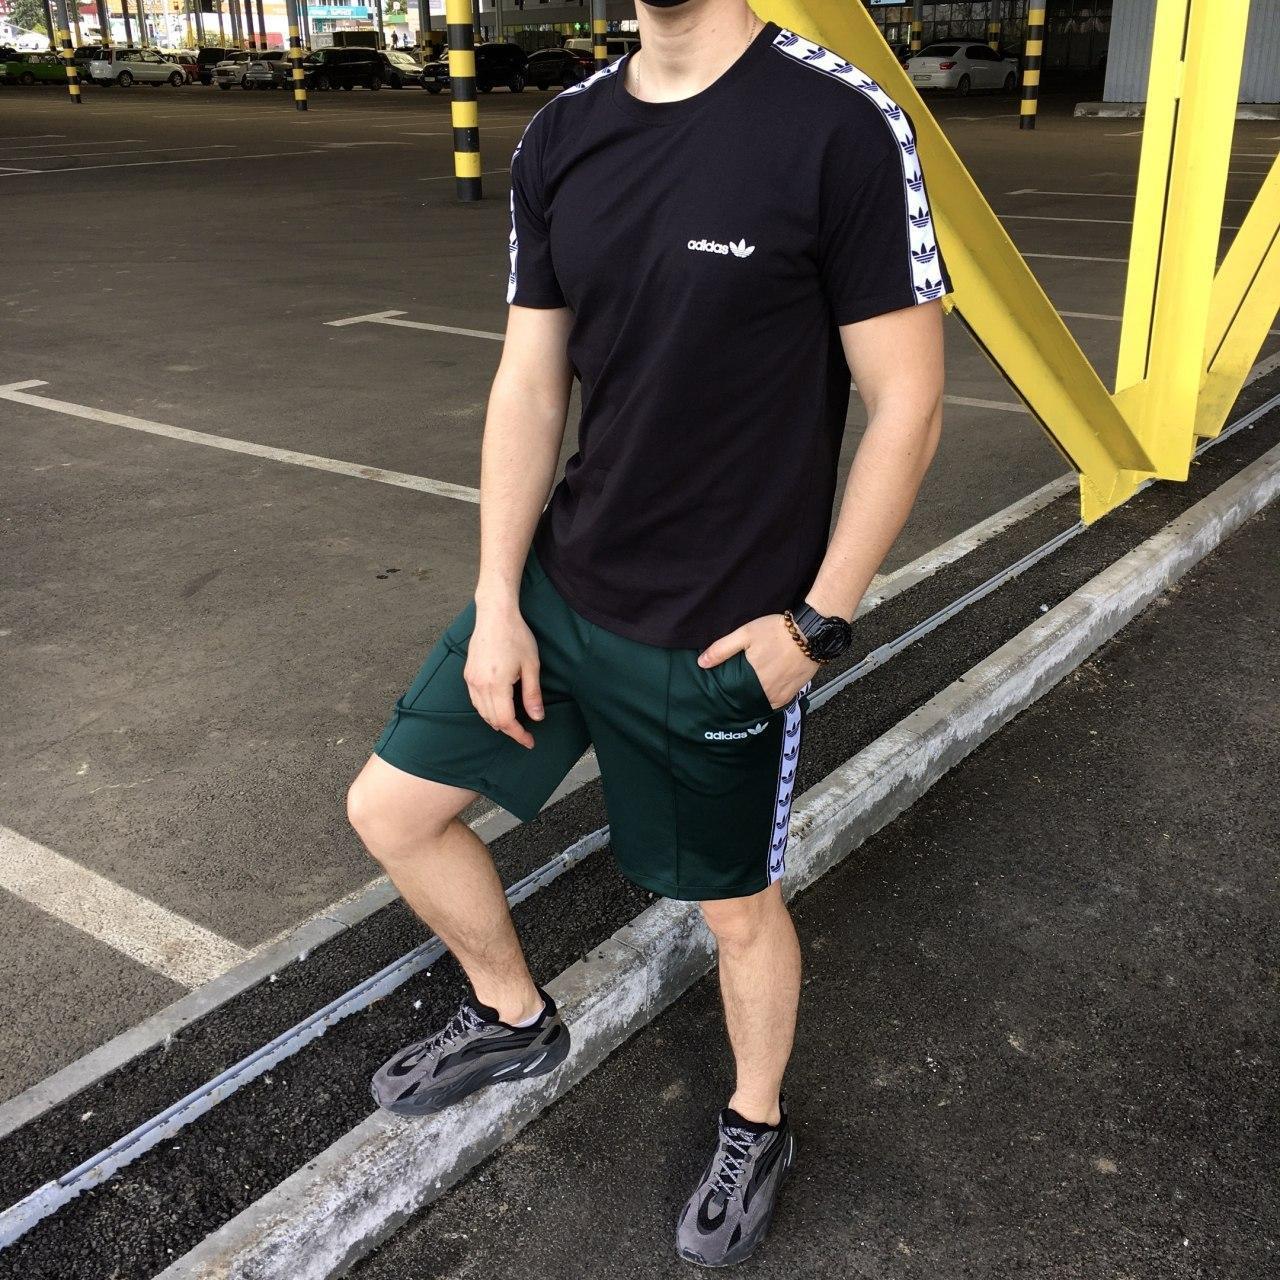 Летний комплект Адидас чёрная футболка мужская + зелёные шорты  S, M, L, XL